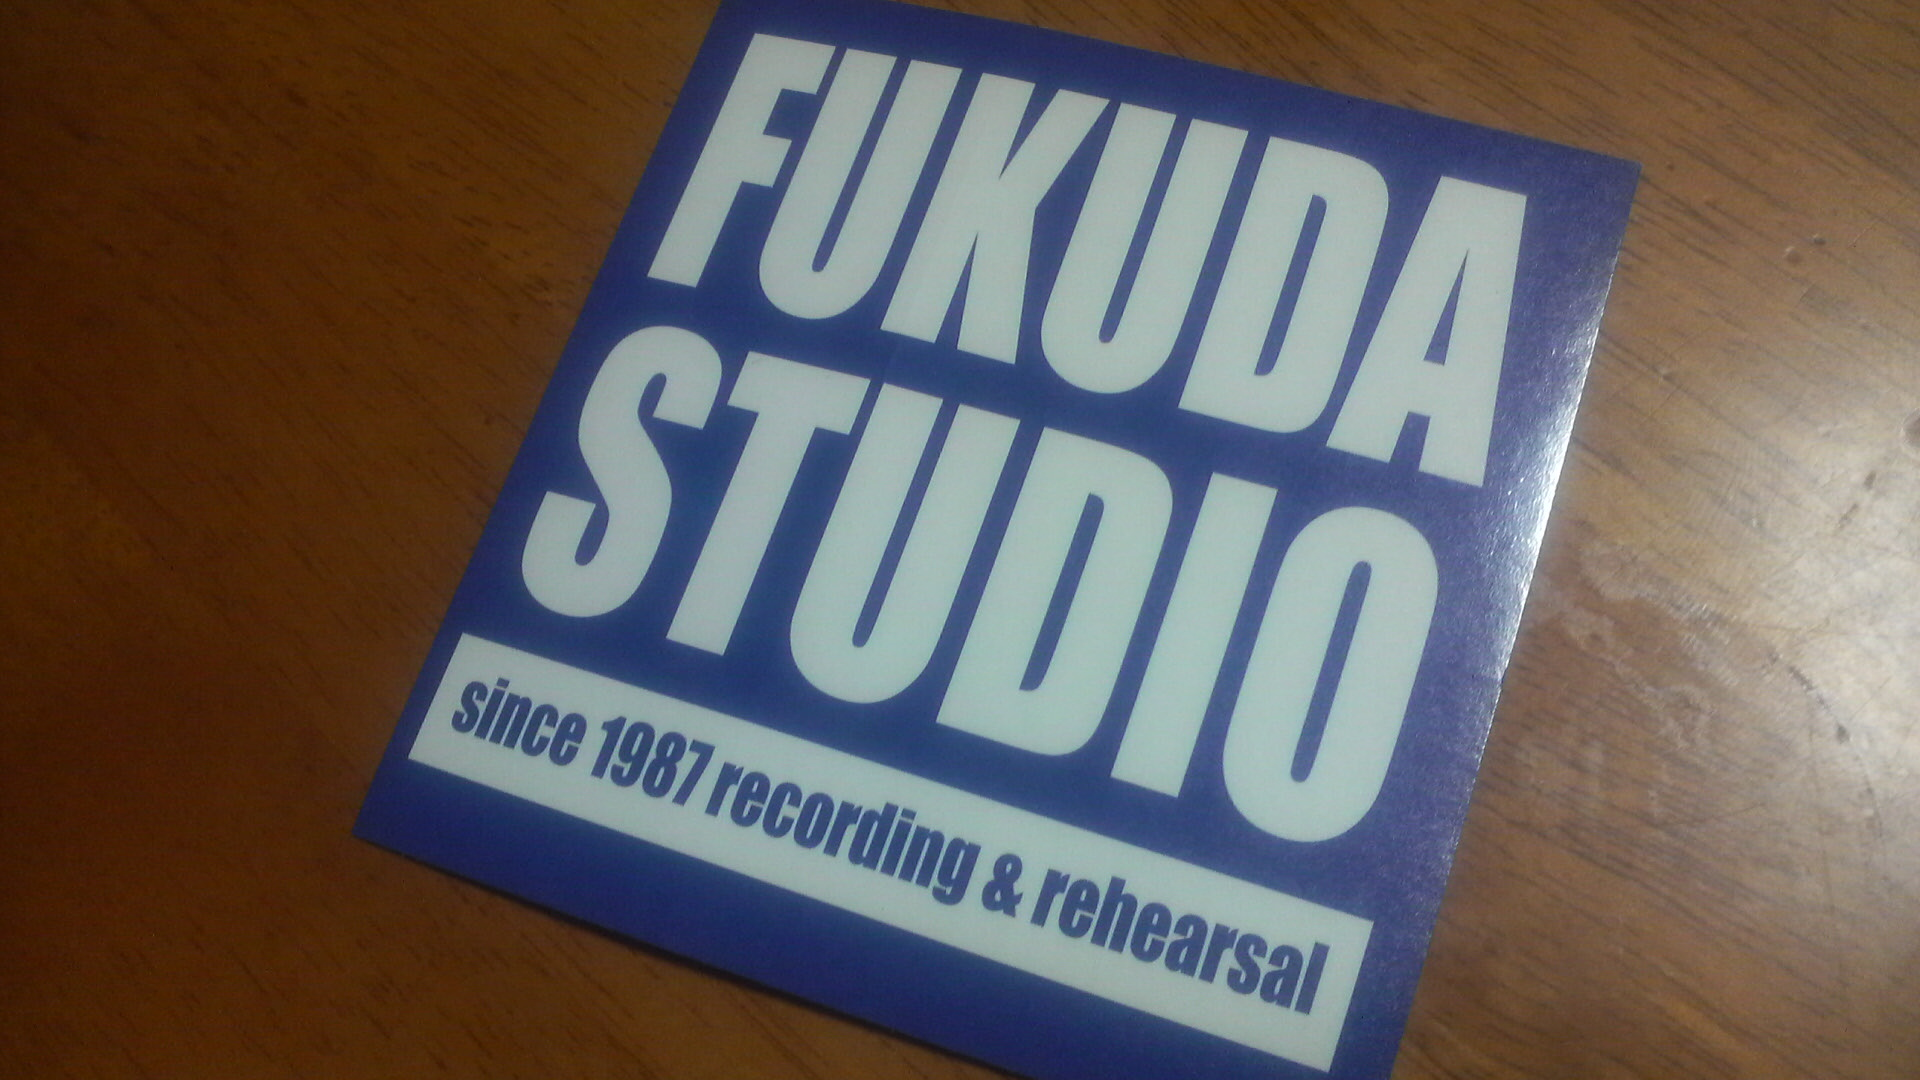 福田(フクダ)スタジオ